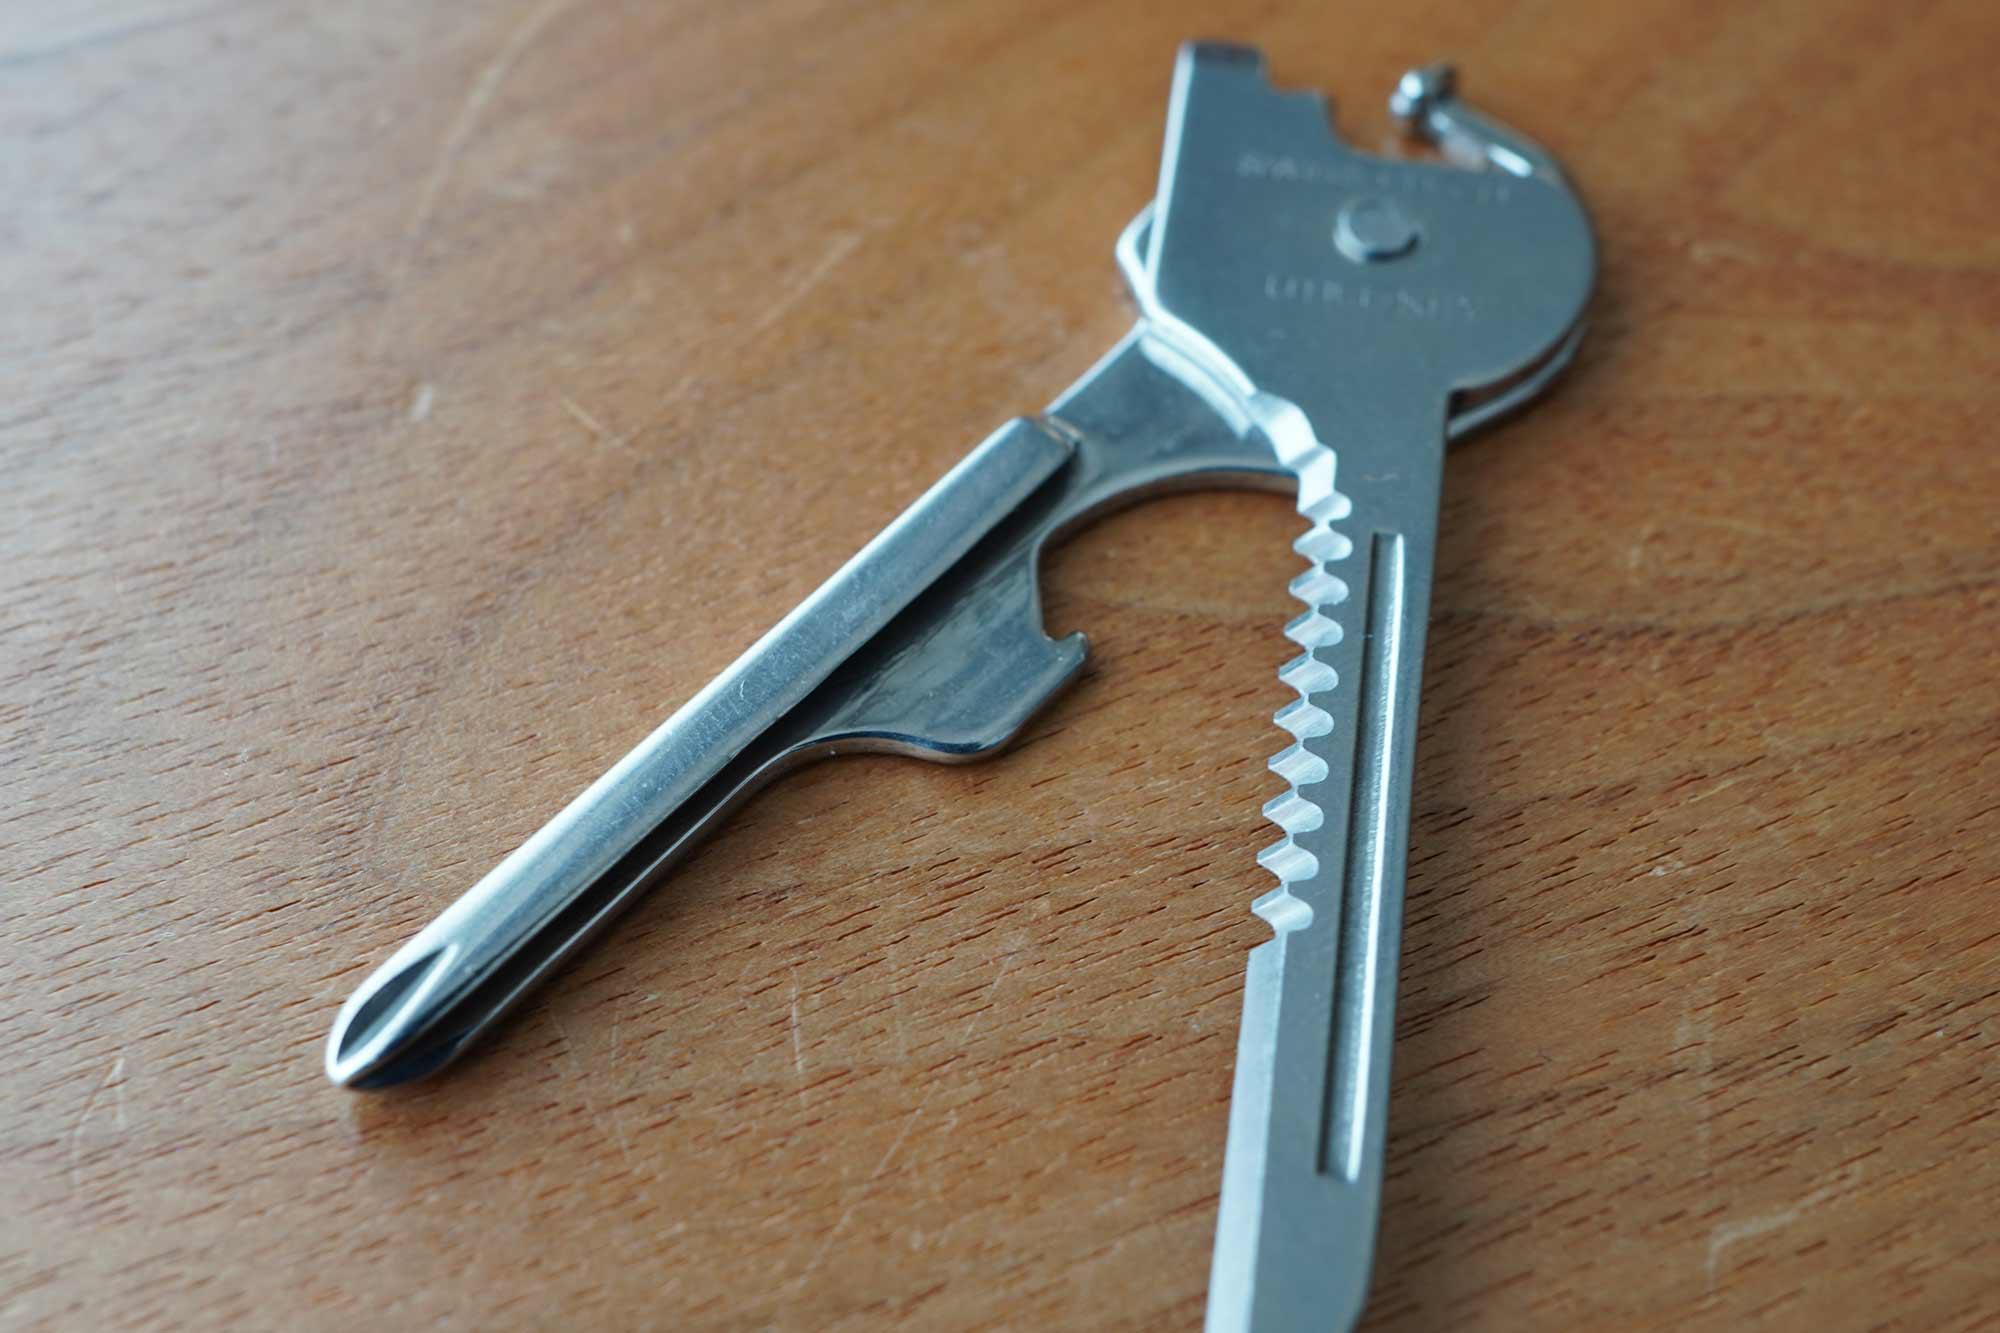 マルチツール,鍵,ドライバー,栓抜き,キャンプ,便利,軽い,